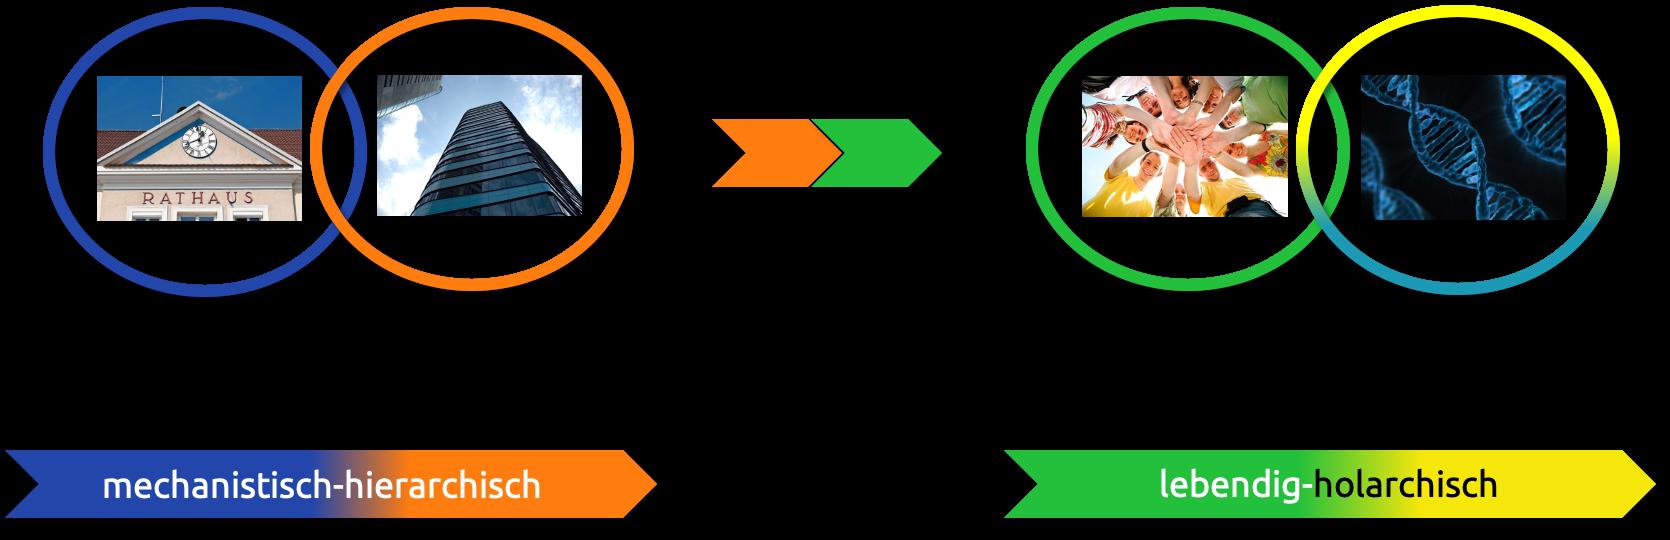 Paradigmenwechsel hin zu voller Transparenz und klarer Kommunikation nach dem INU-Modell für Integral-Nachhaltige Unternehmensentwicklung